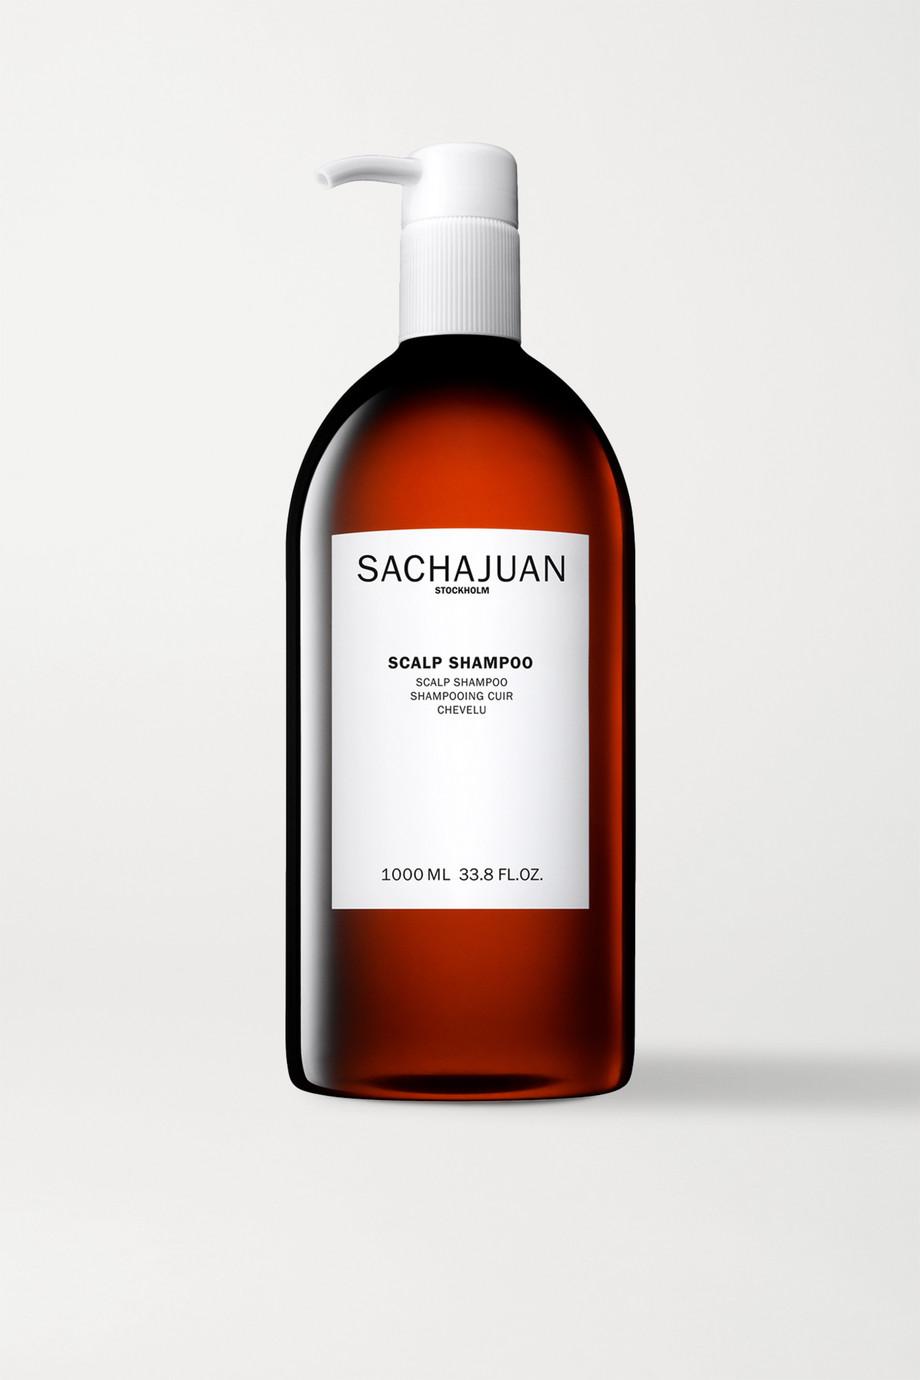 SACHAJUAN Scalp Shampoo, 1000ml